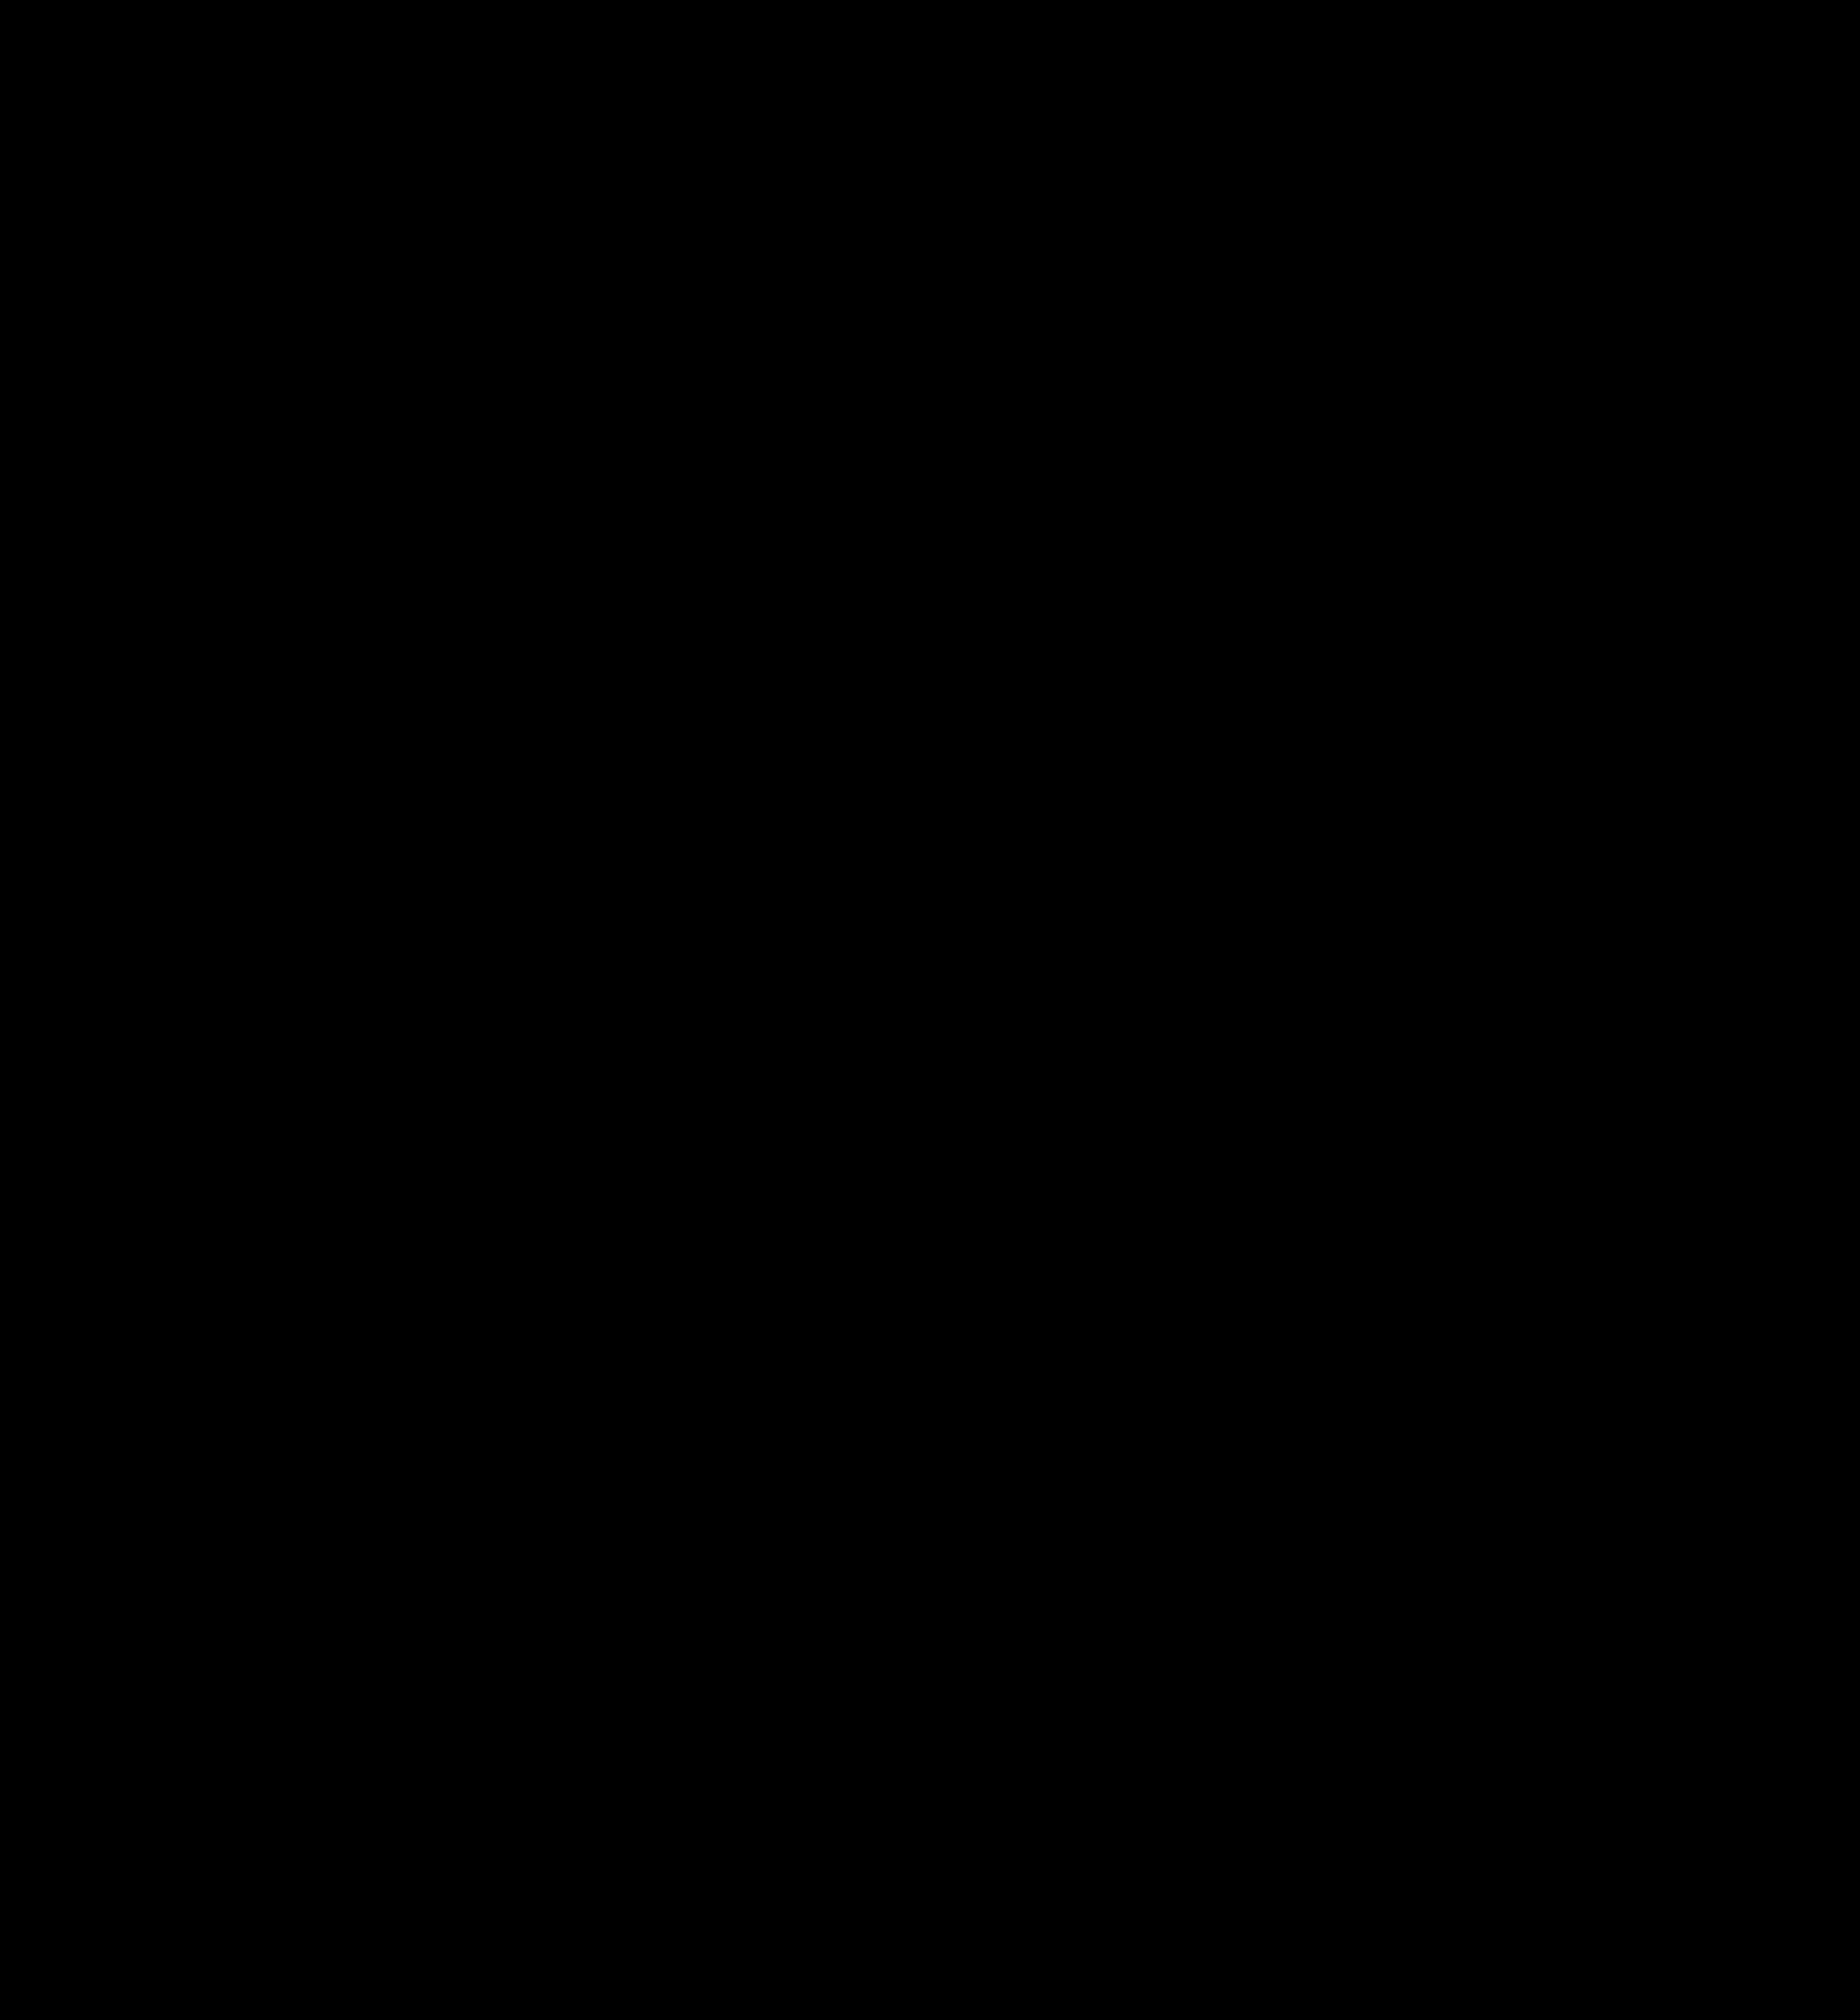 Labrador Retriever Silhouette Clip art.